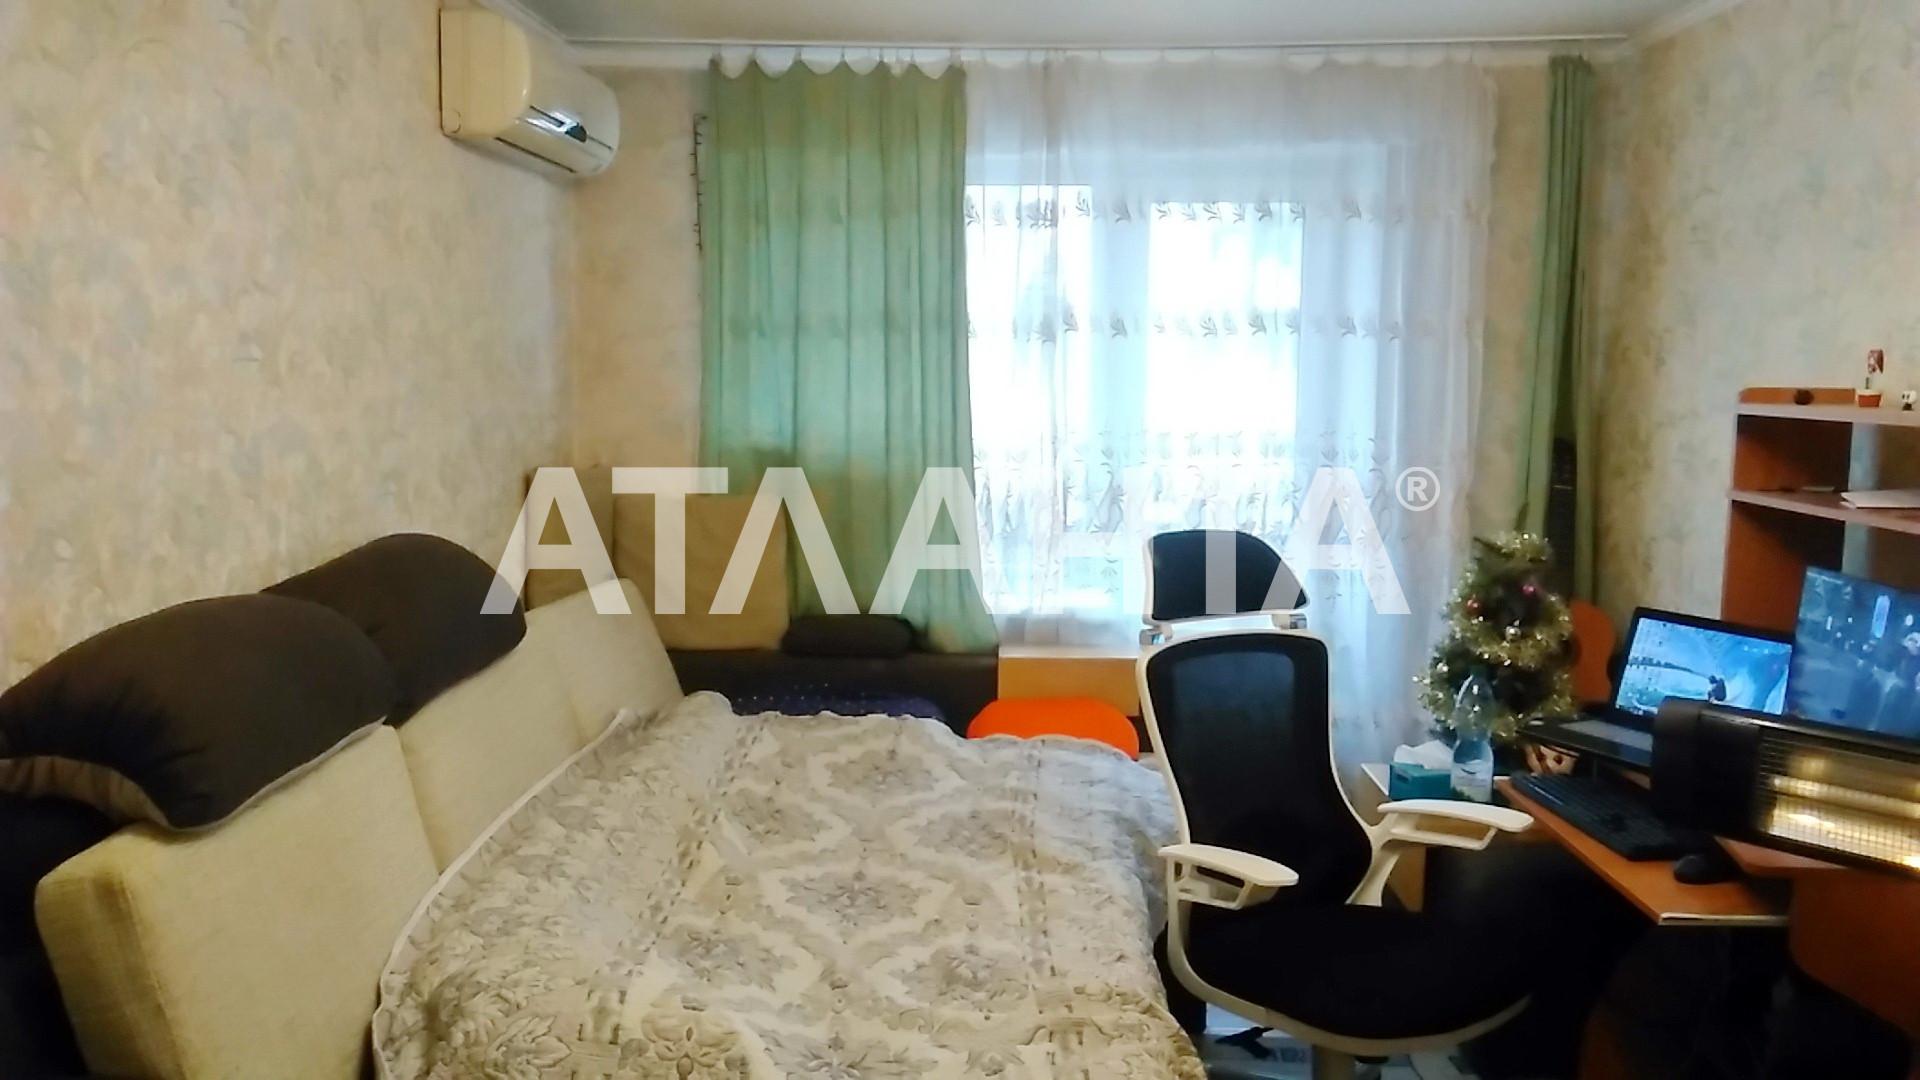 Продается 1-комнатная Квартира на ул. Сегедская — 35 000 у.е. (фото №5)